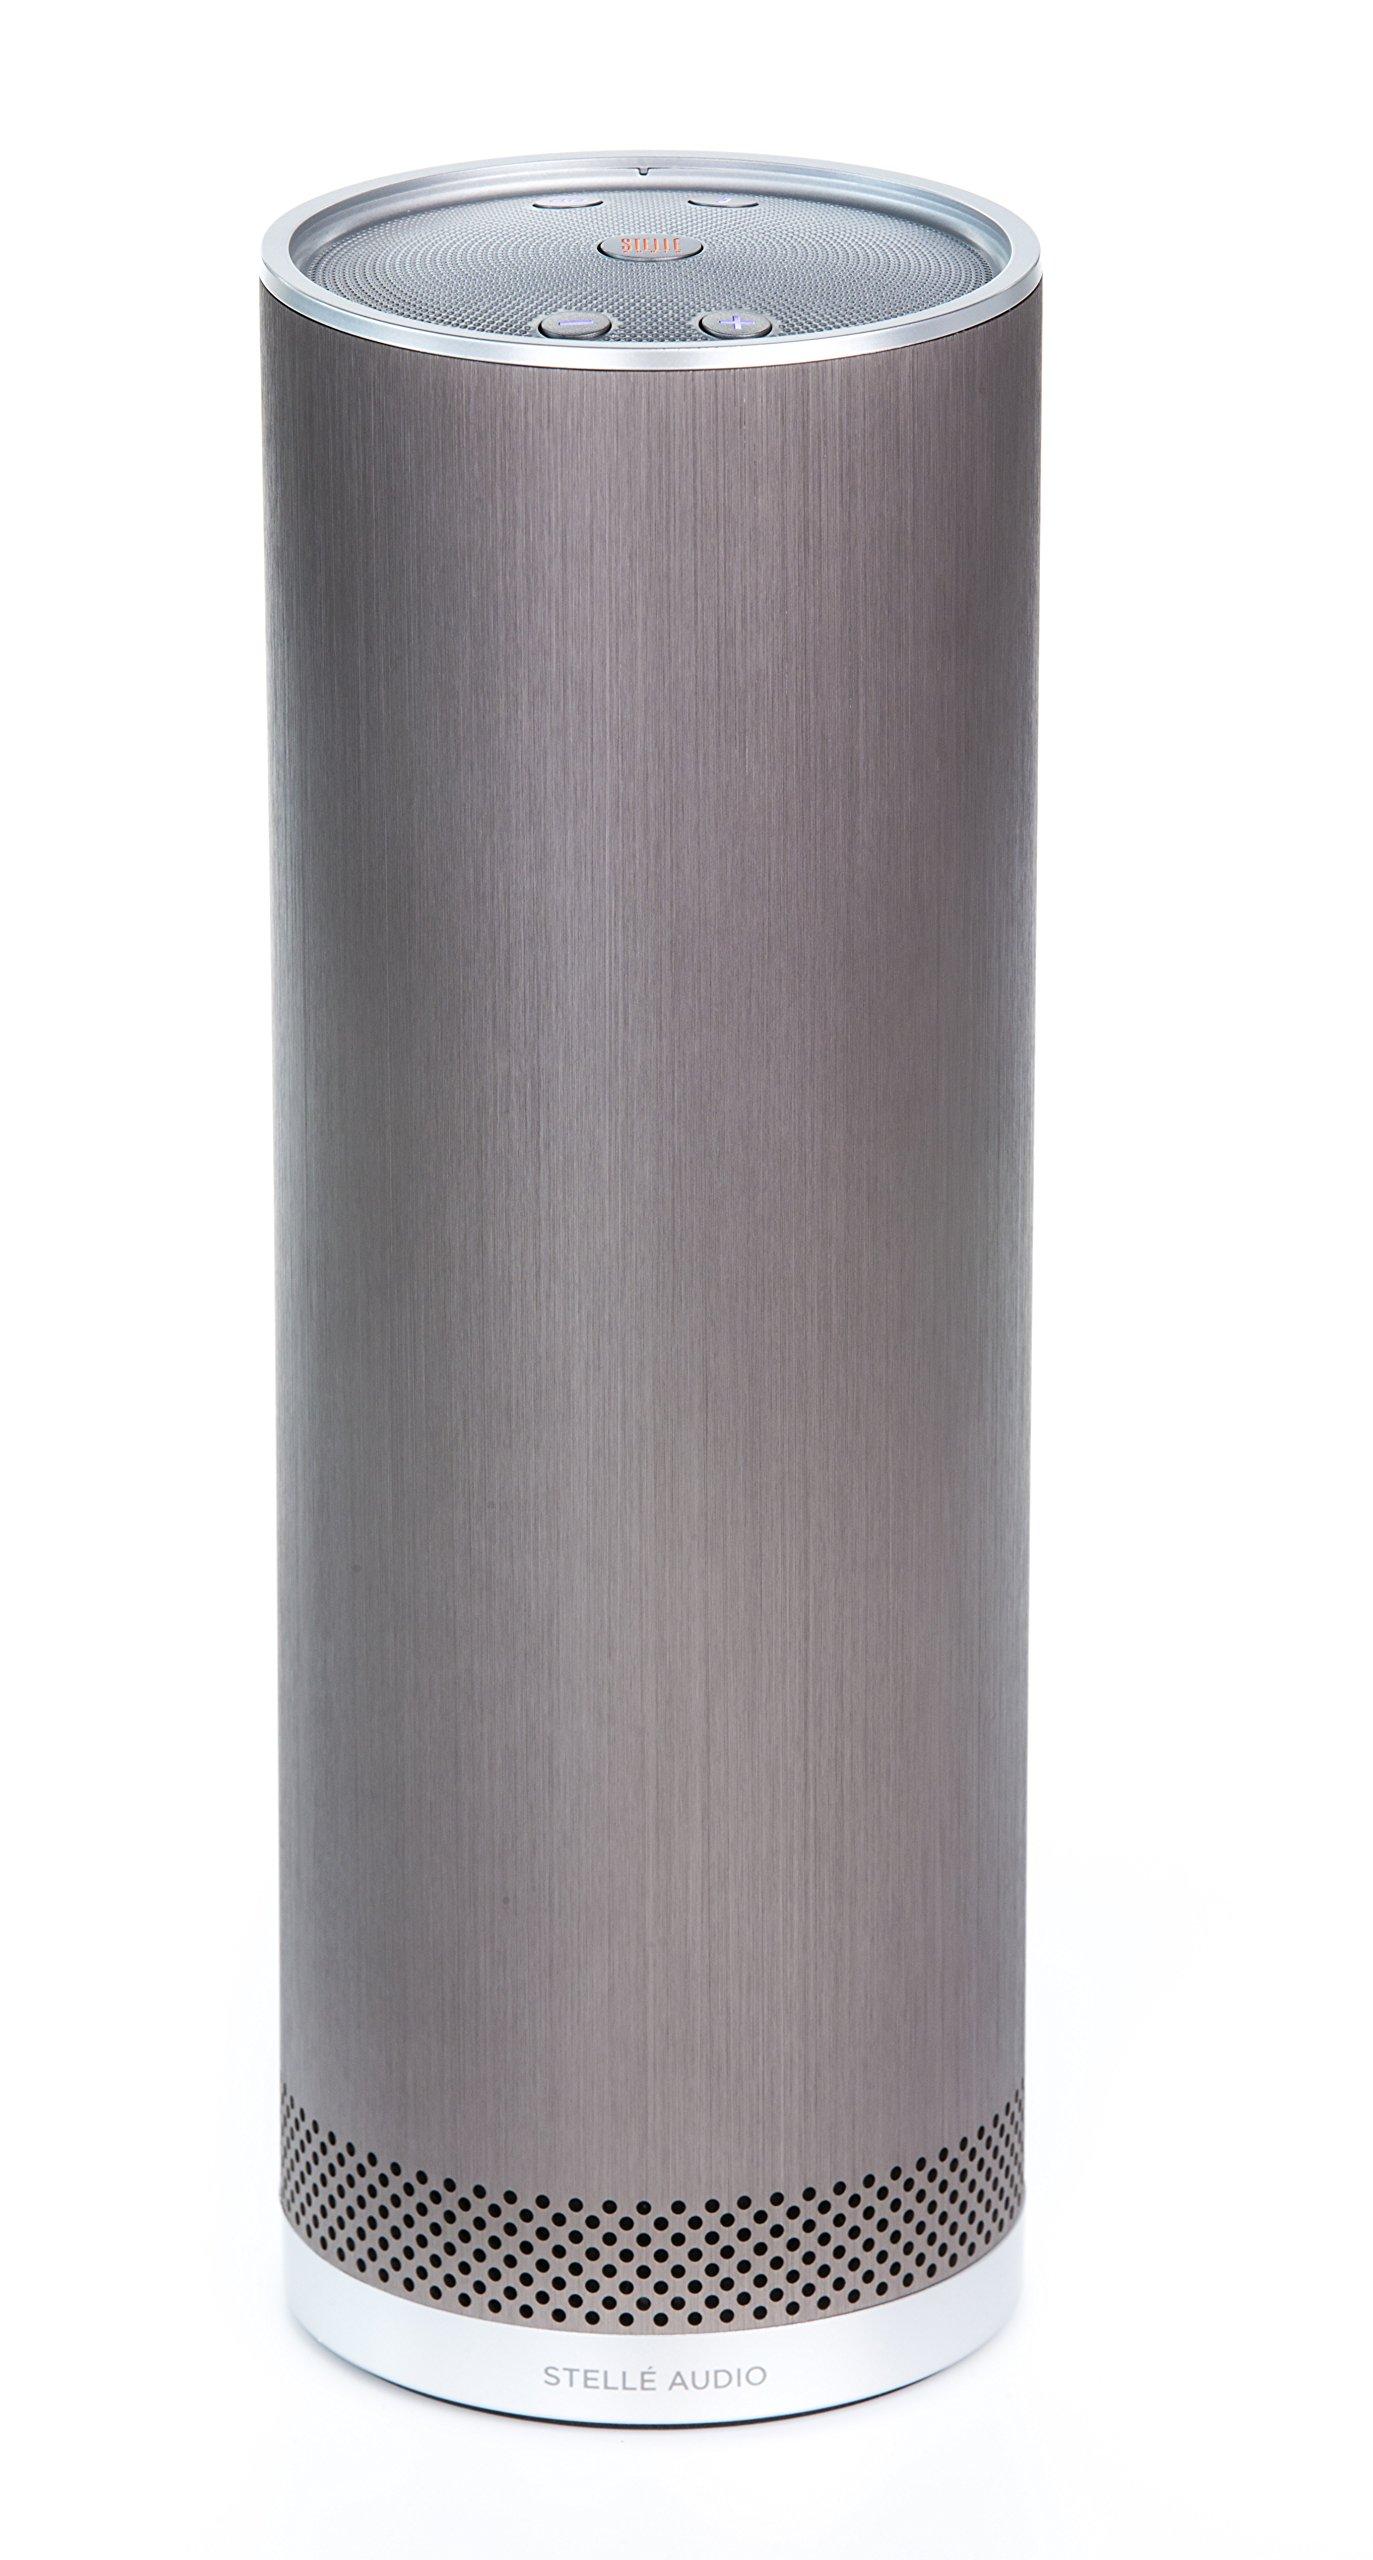 Stelle Audio Pillar, (Pewter)